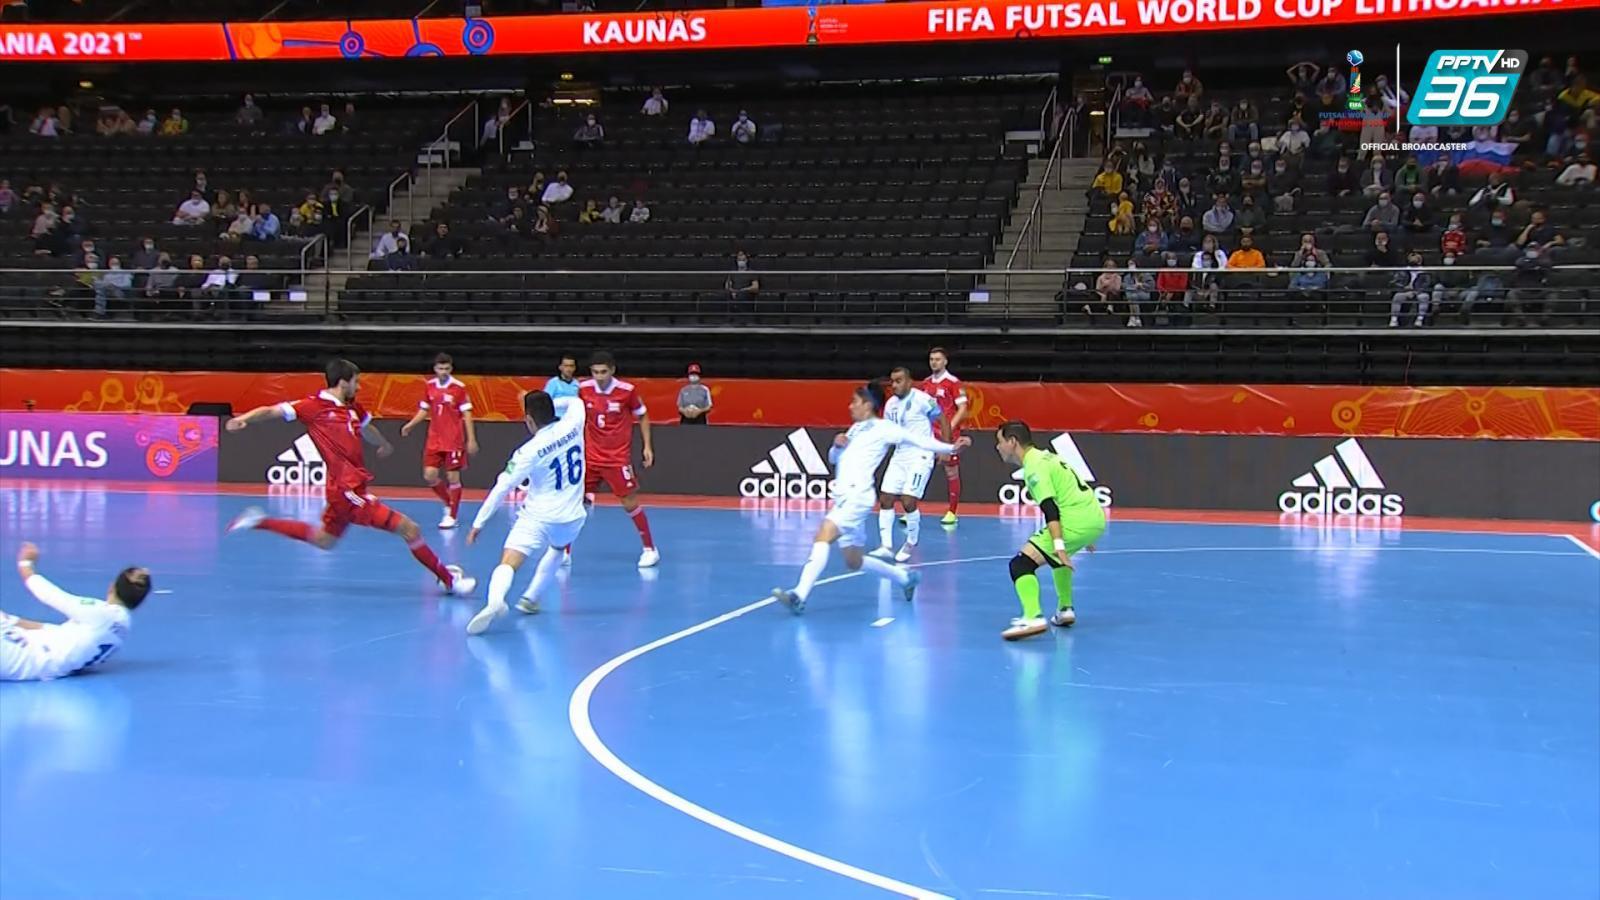 ช็อตเด็ดฟุตซอล | ฟีฟ่า ฟุตซอล เวิลด์ คัพ 2021 | กัวเตมาลา พบ รัสเซีย | 18 ก.ย. 64